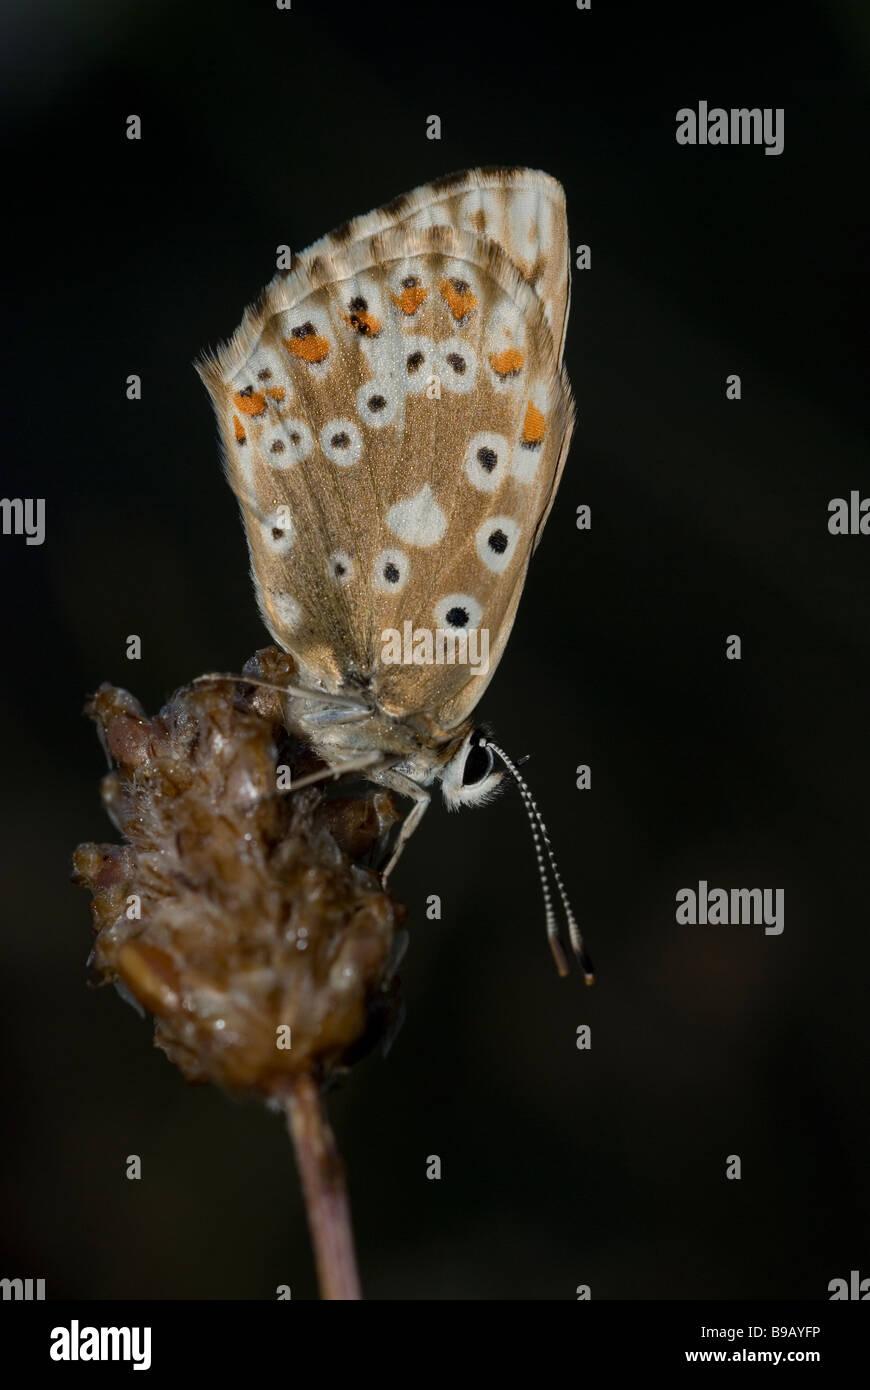 Female chalkhill blue butterfly (Polyommatus coridon) - Stock Image